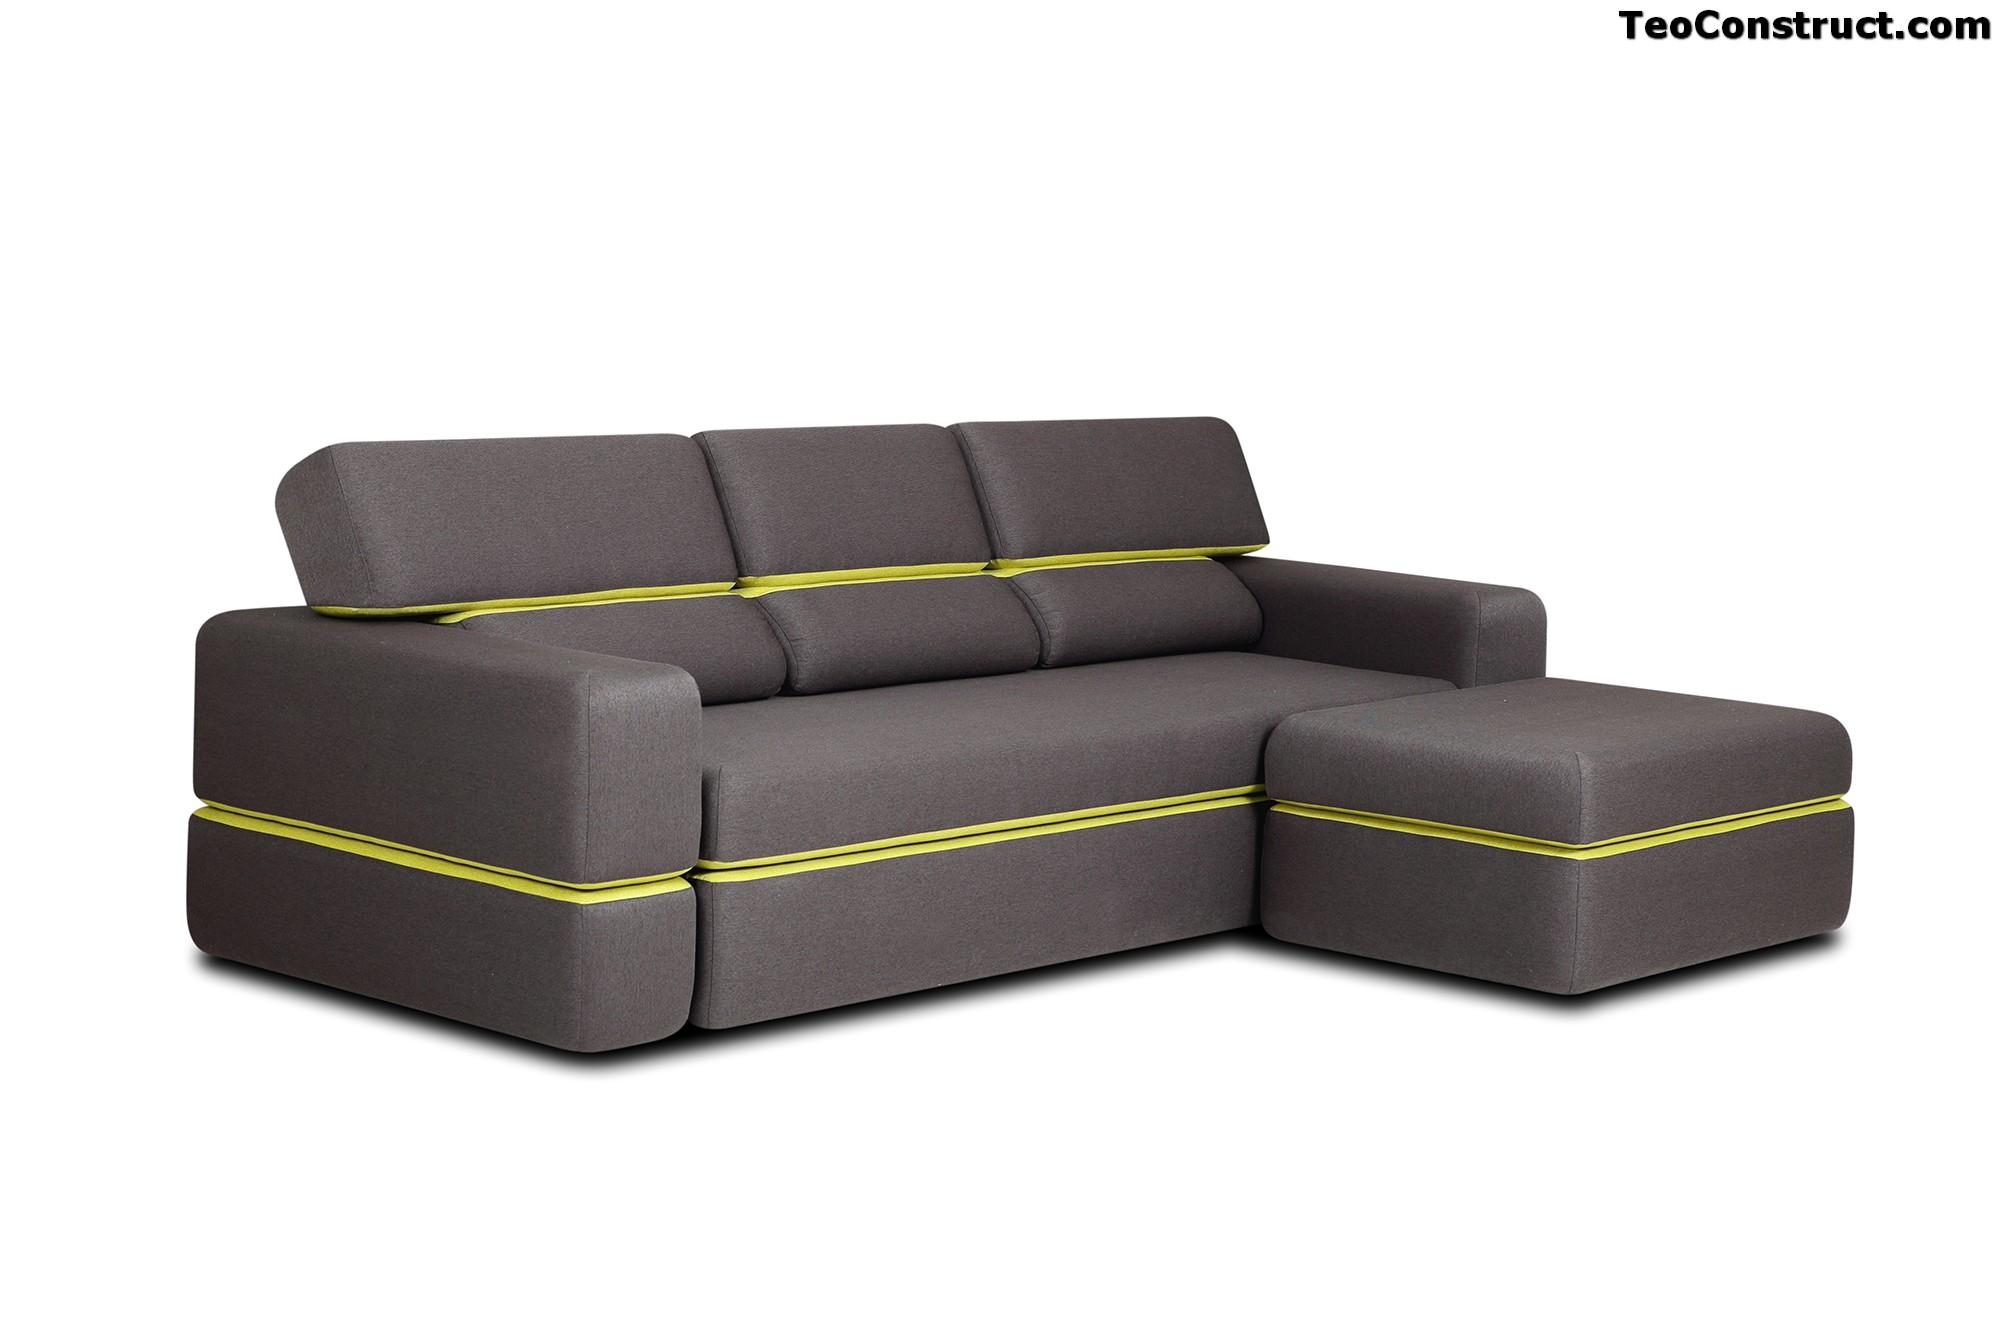 Canapea Open de calitate superioare03